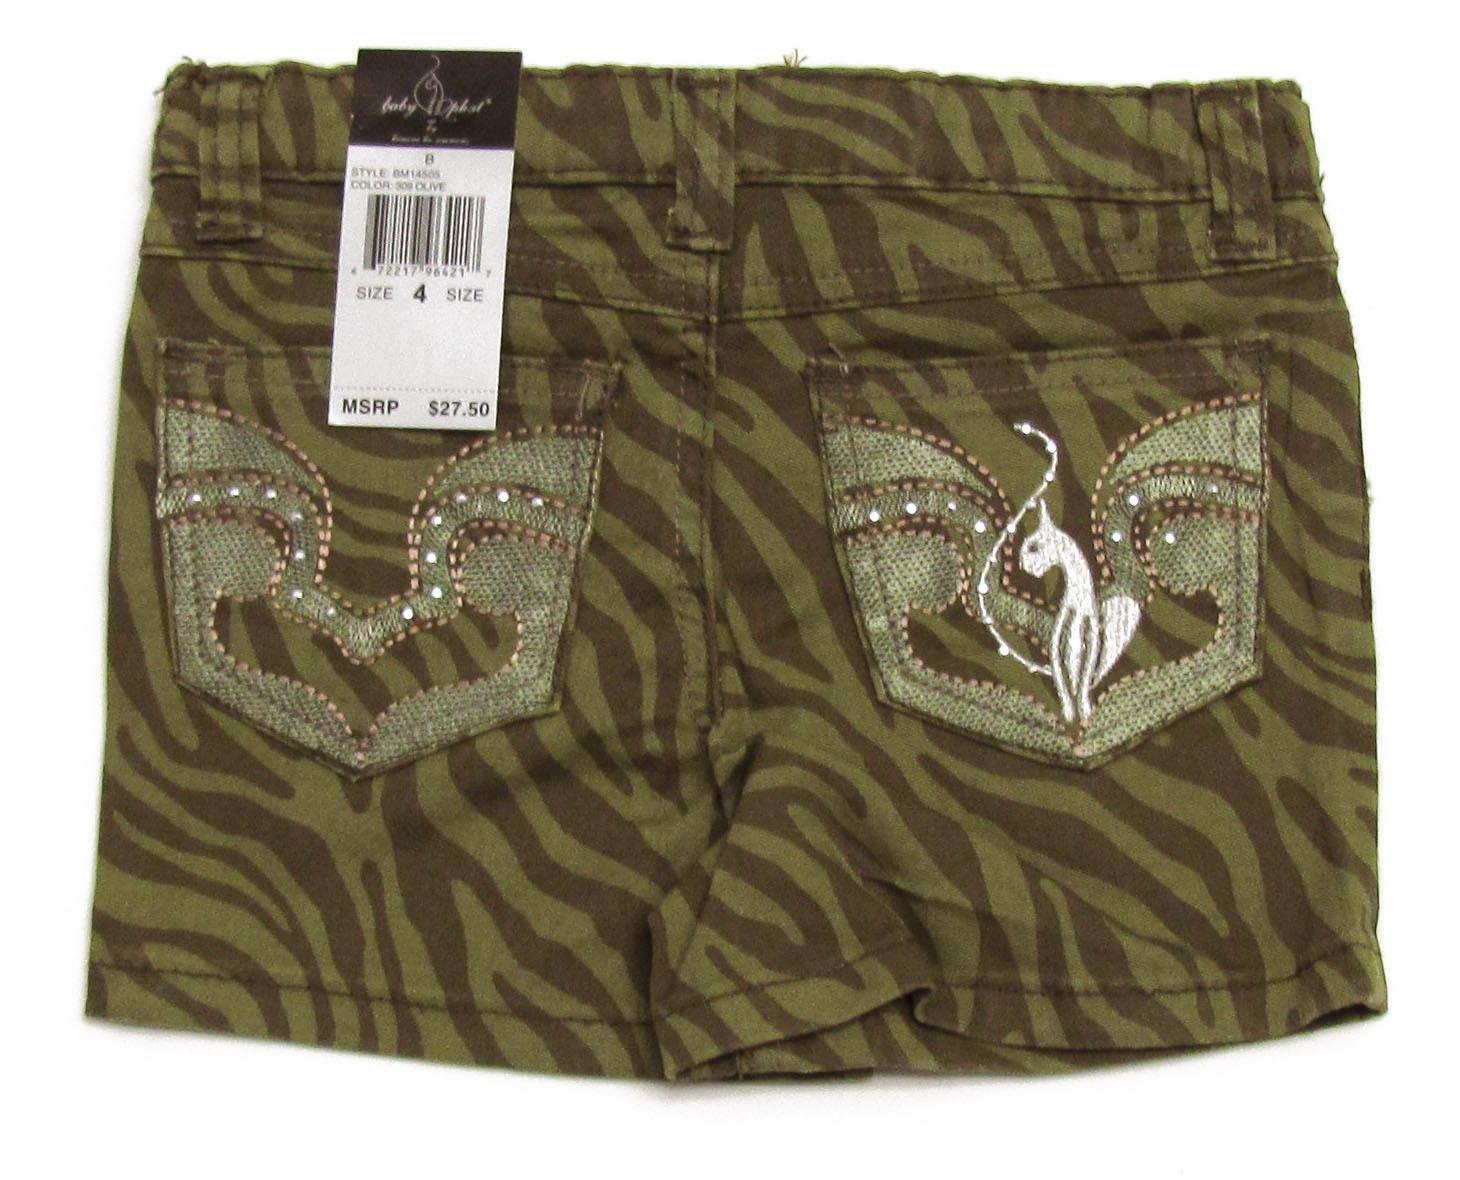 Baby Phat Girls size 4 Shorts Olive Green Zebra Print Short Kids New